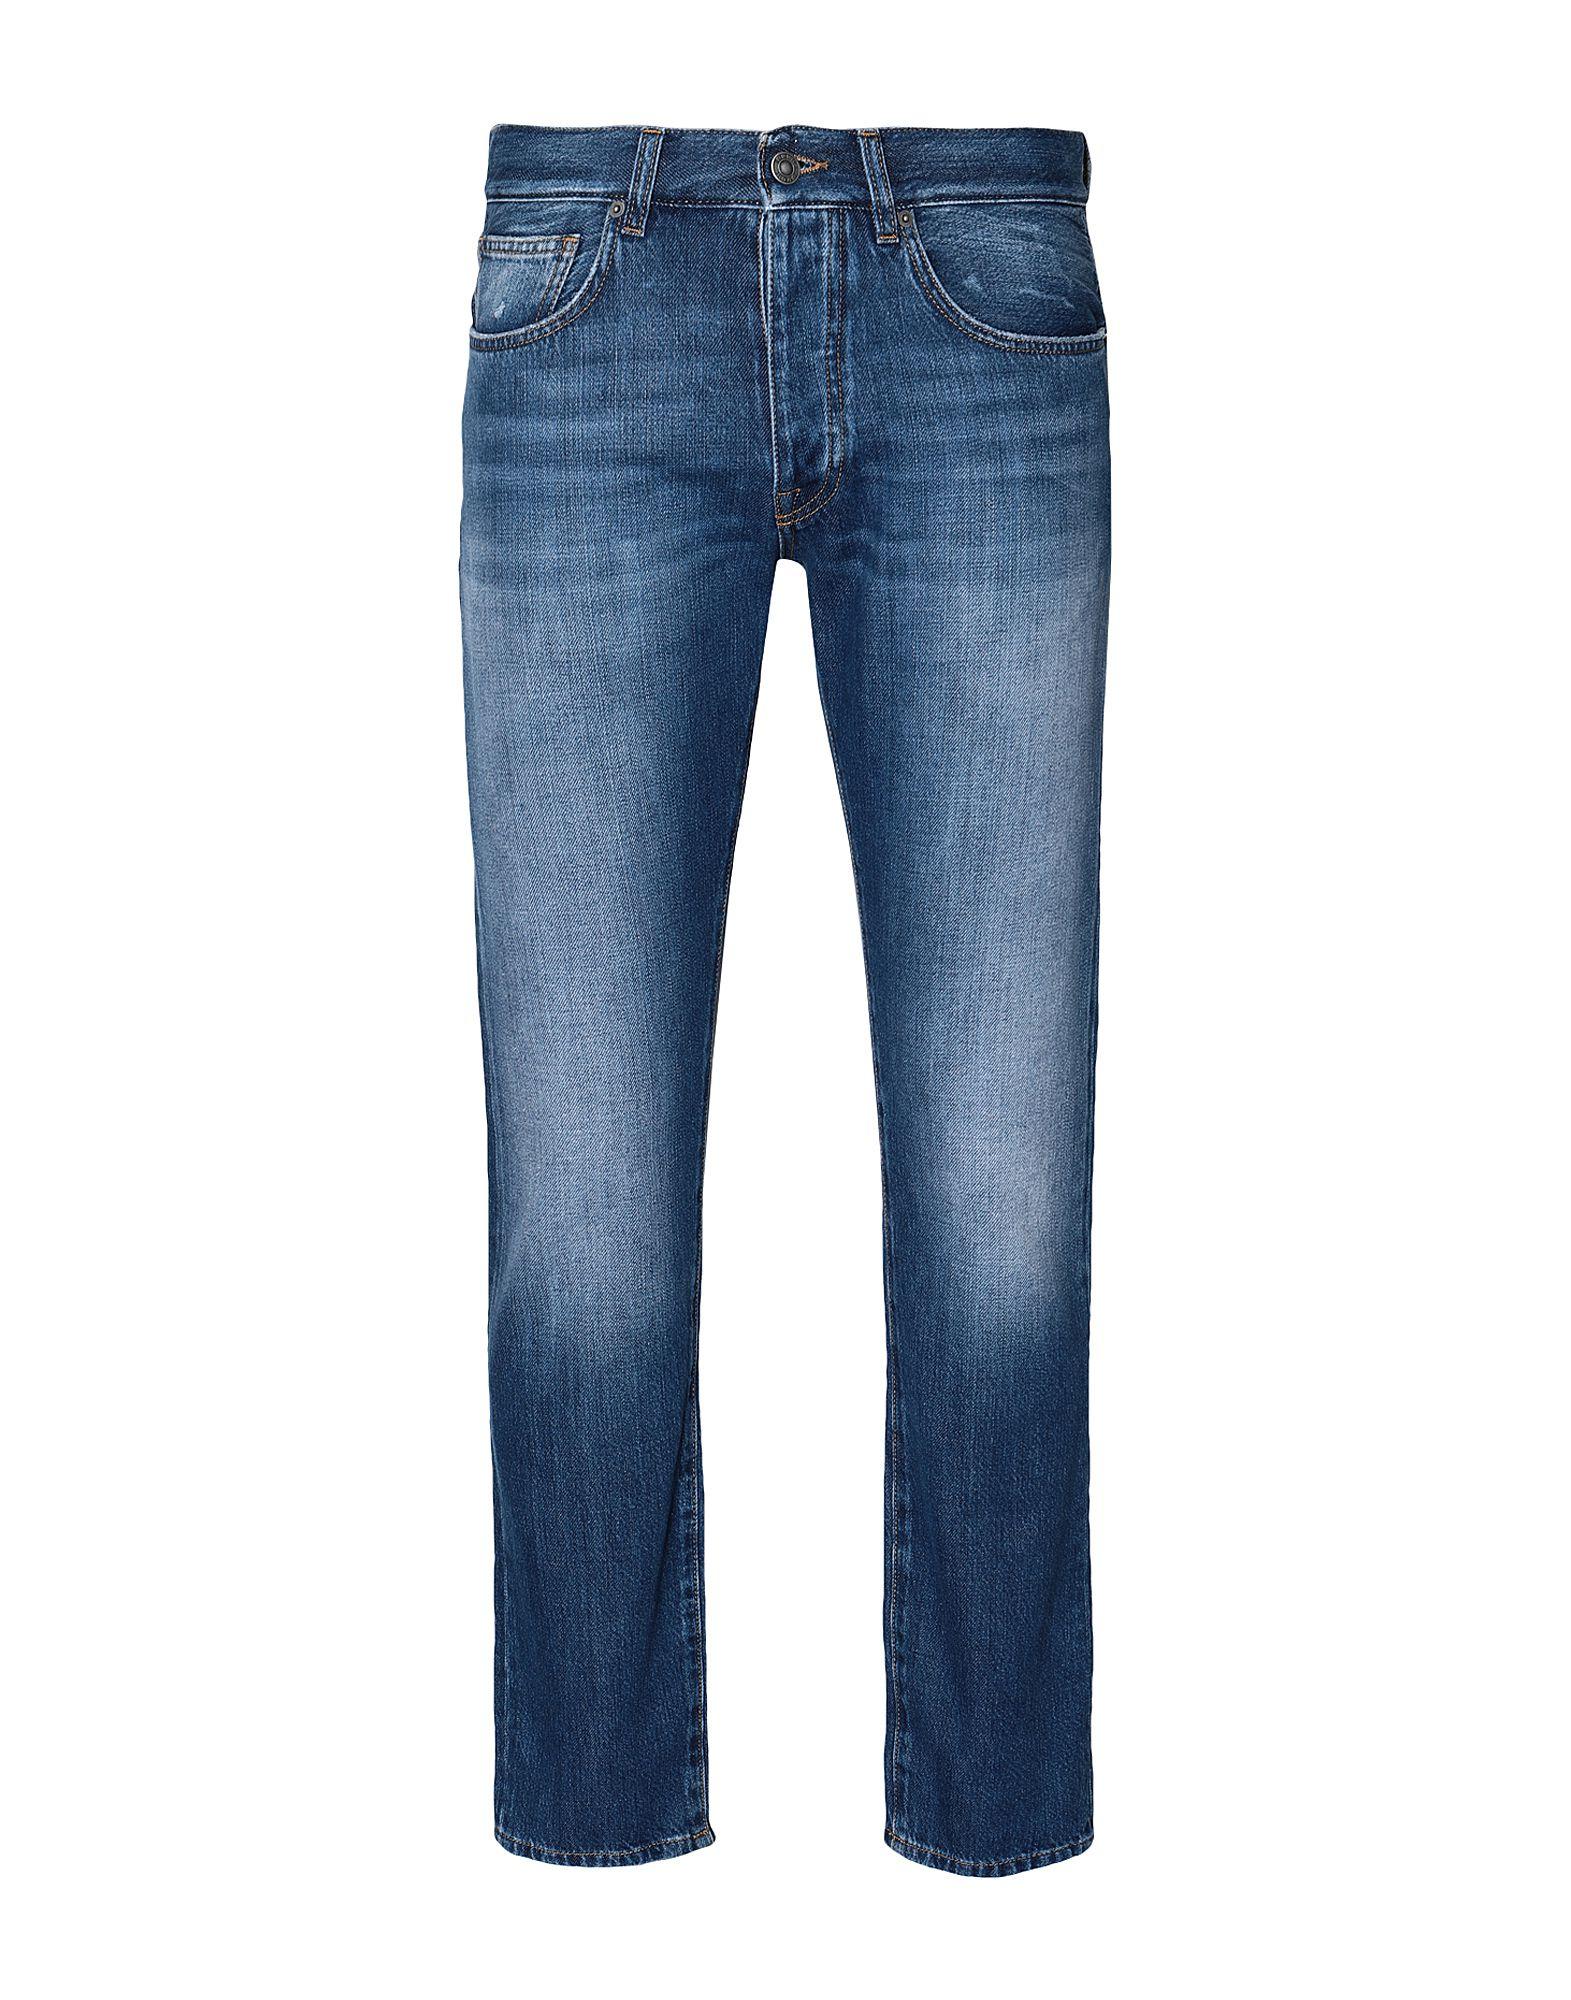 утепленные джинсы женские зимние купить в екатеринбурге